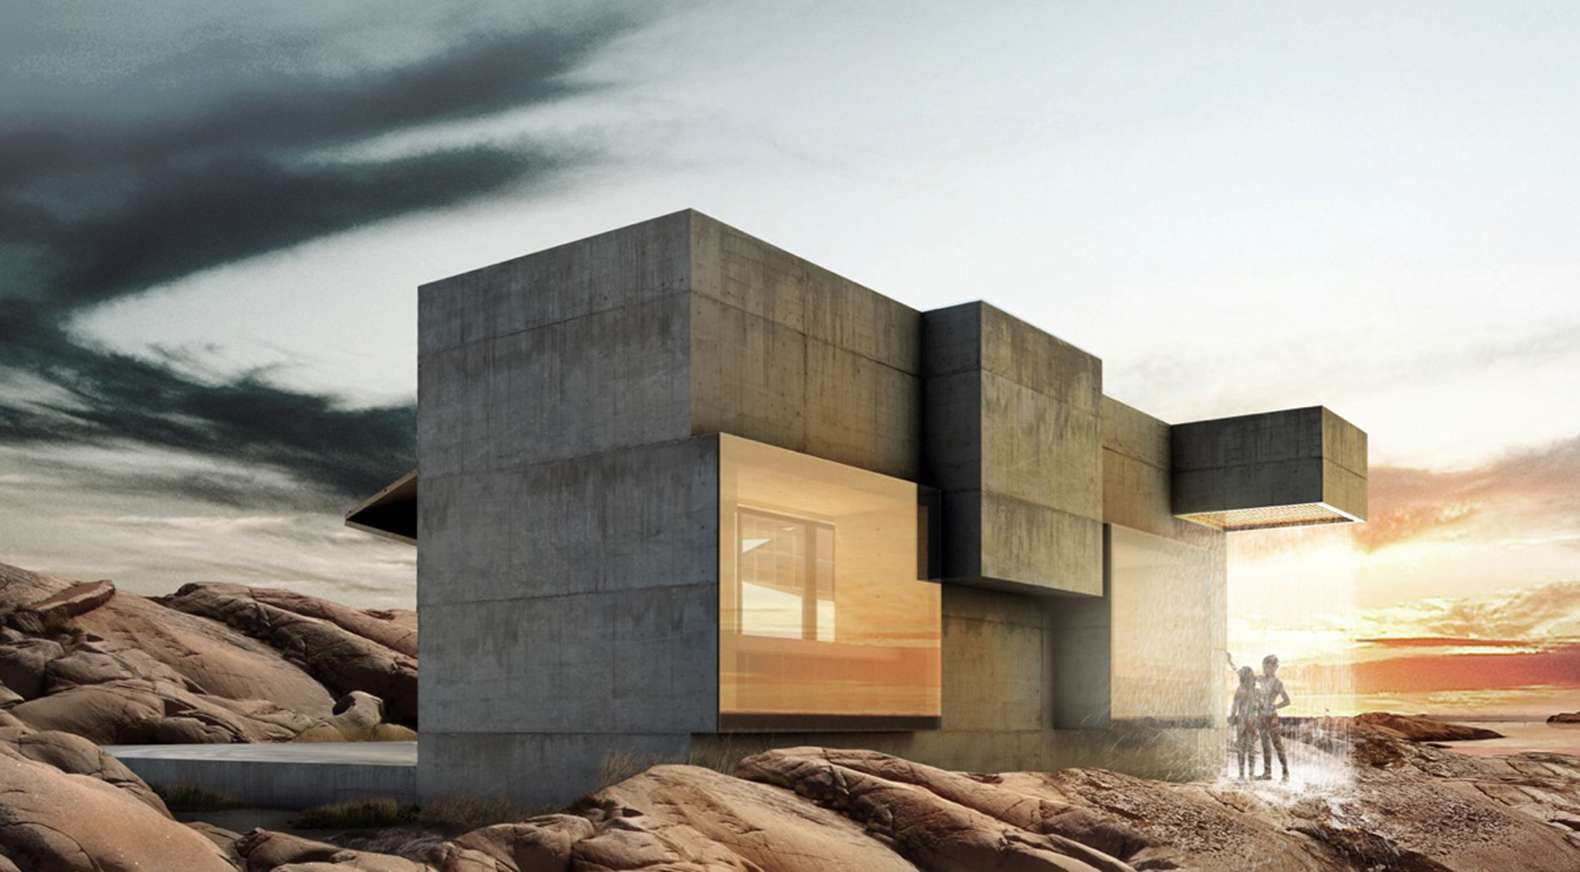 Švedska: Za kuću visine do 4 metra i površine do 25 kvadrata ne treba dozvola